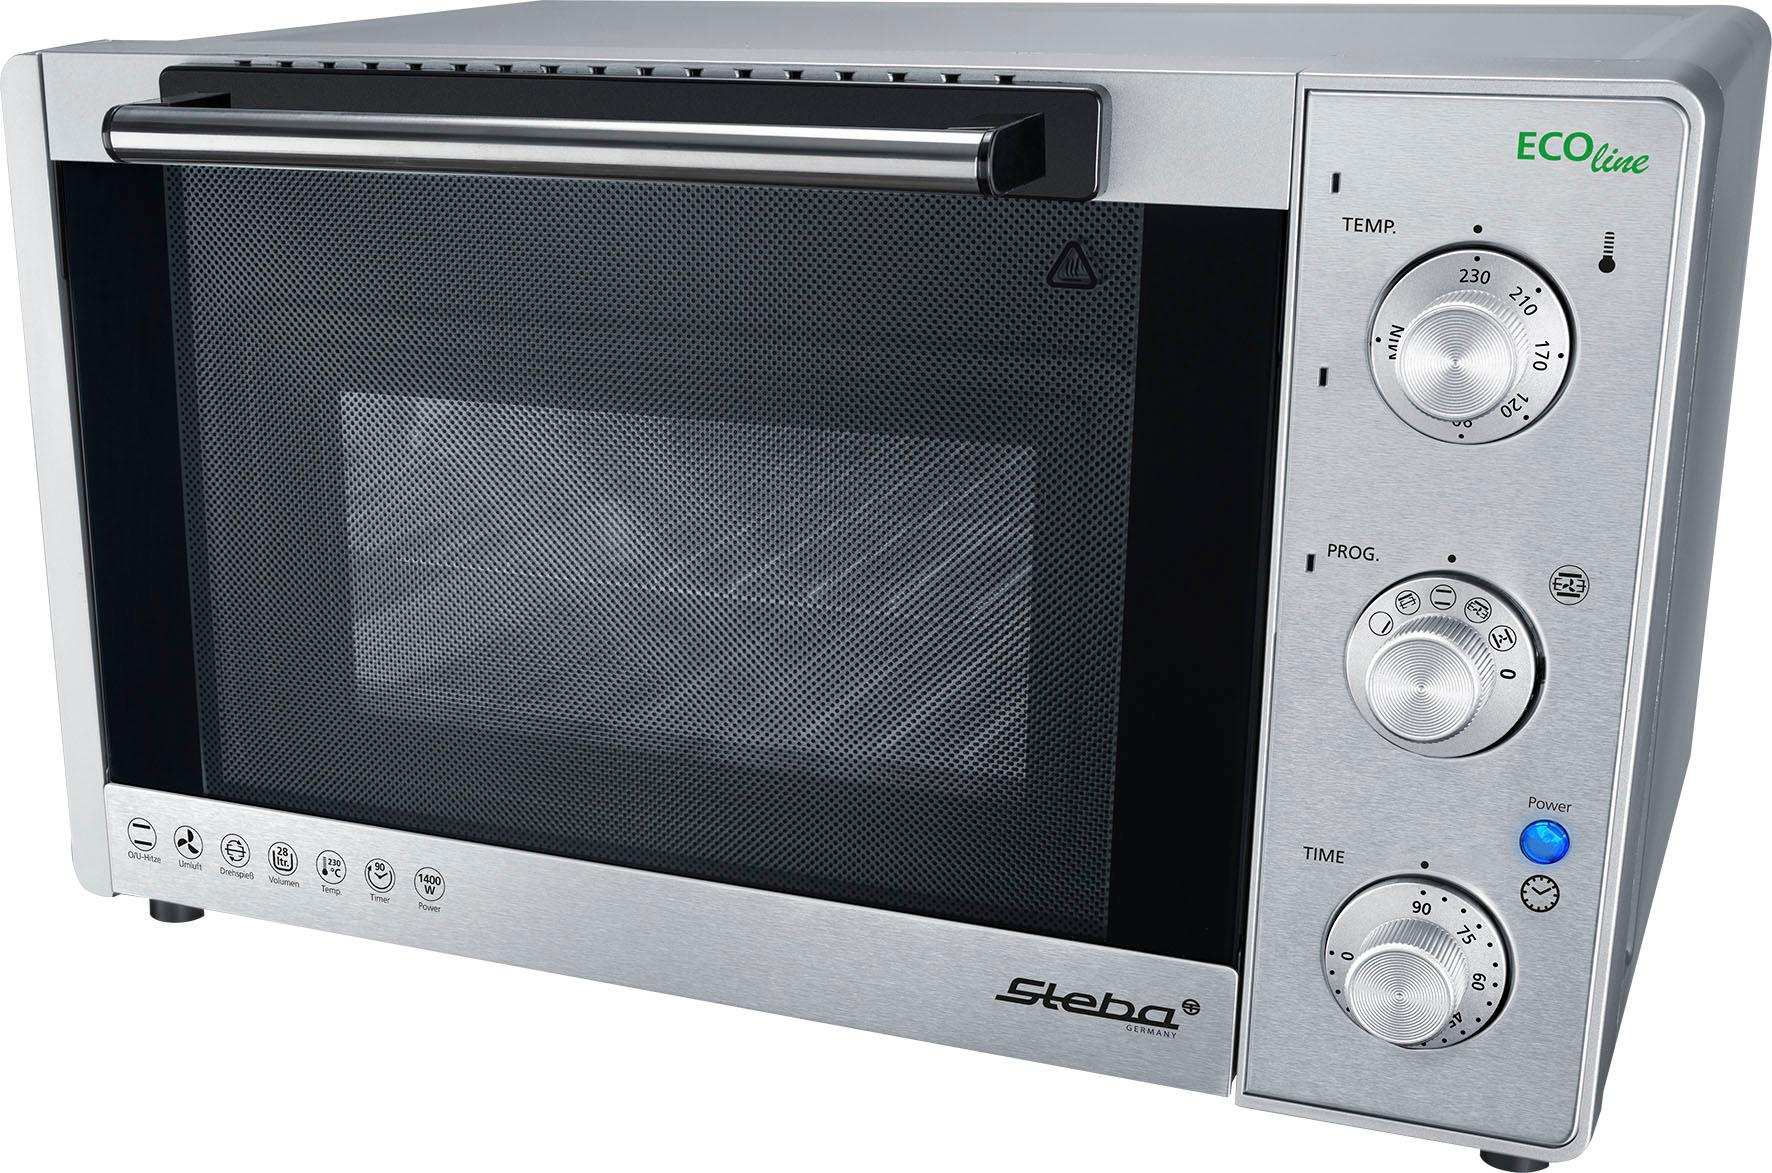 Steba Minibackofen KB 28 ECO, 1400 W | Küche und Esszimmer > Küchenelektrogeräte > Küche Grill | STEBA